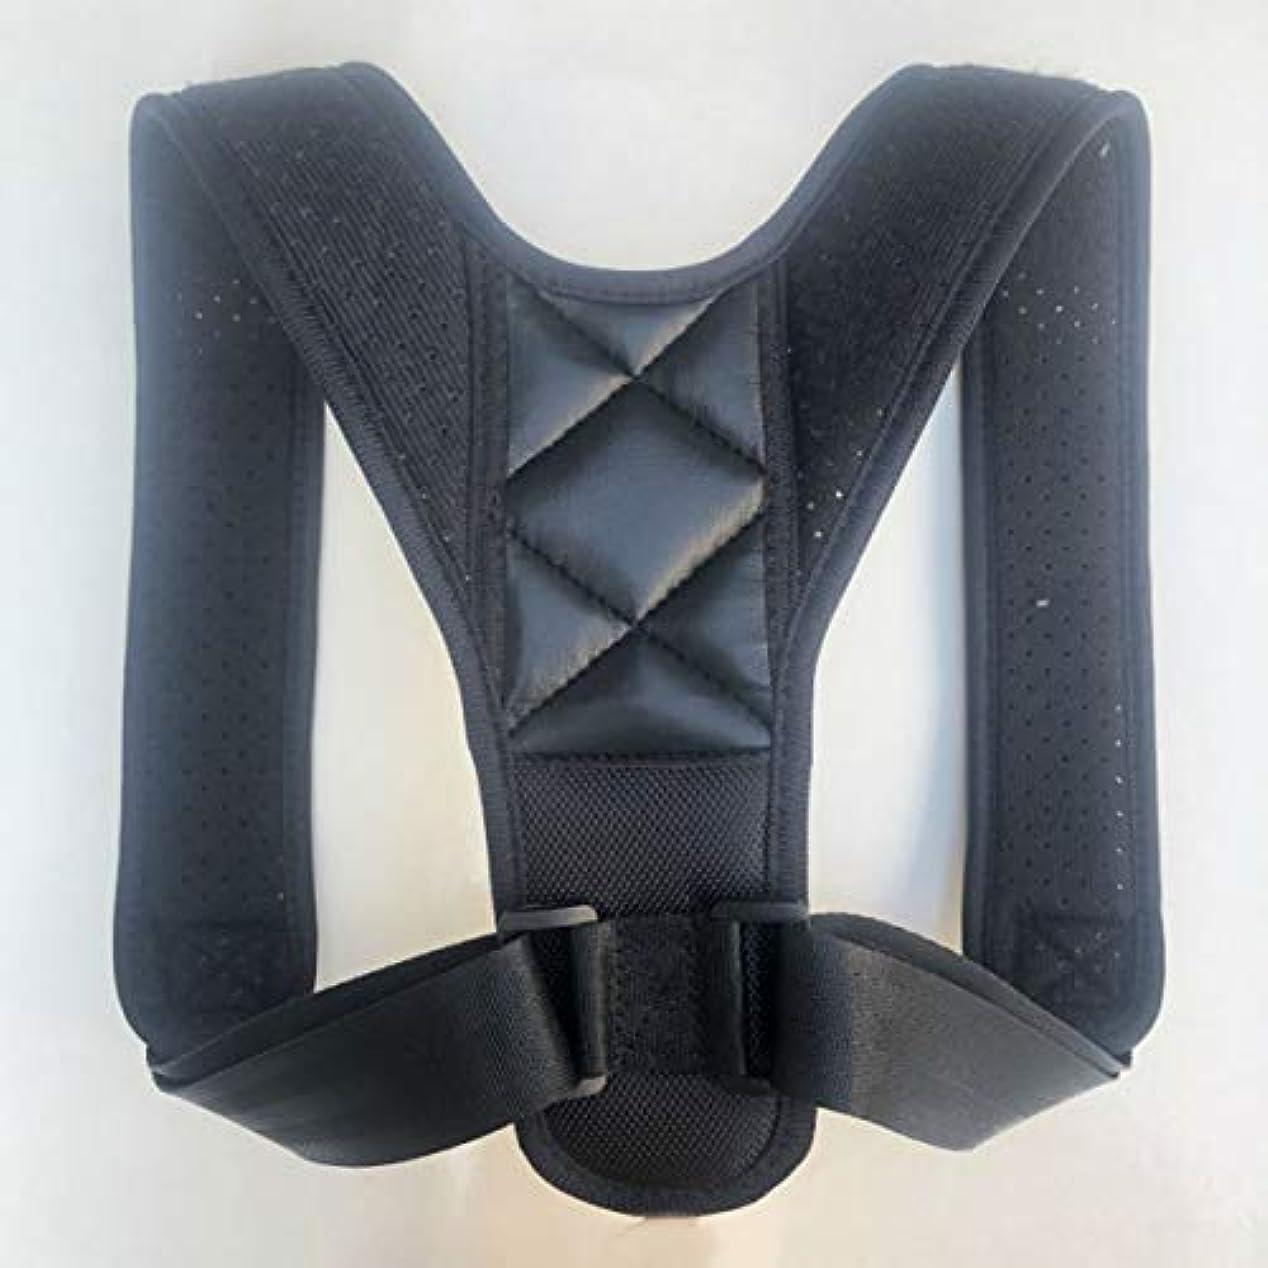 ただ違法シュリンクアッパーバックポスチャーコレクター姿勢鎖骨サポートコレクターバックストレートショルダーブレースストラップコレクター - ブラック